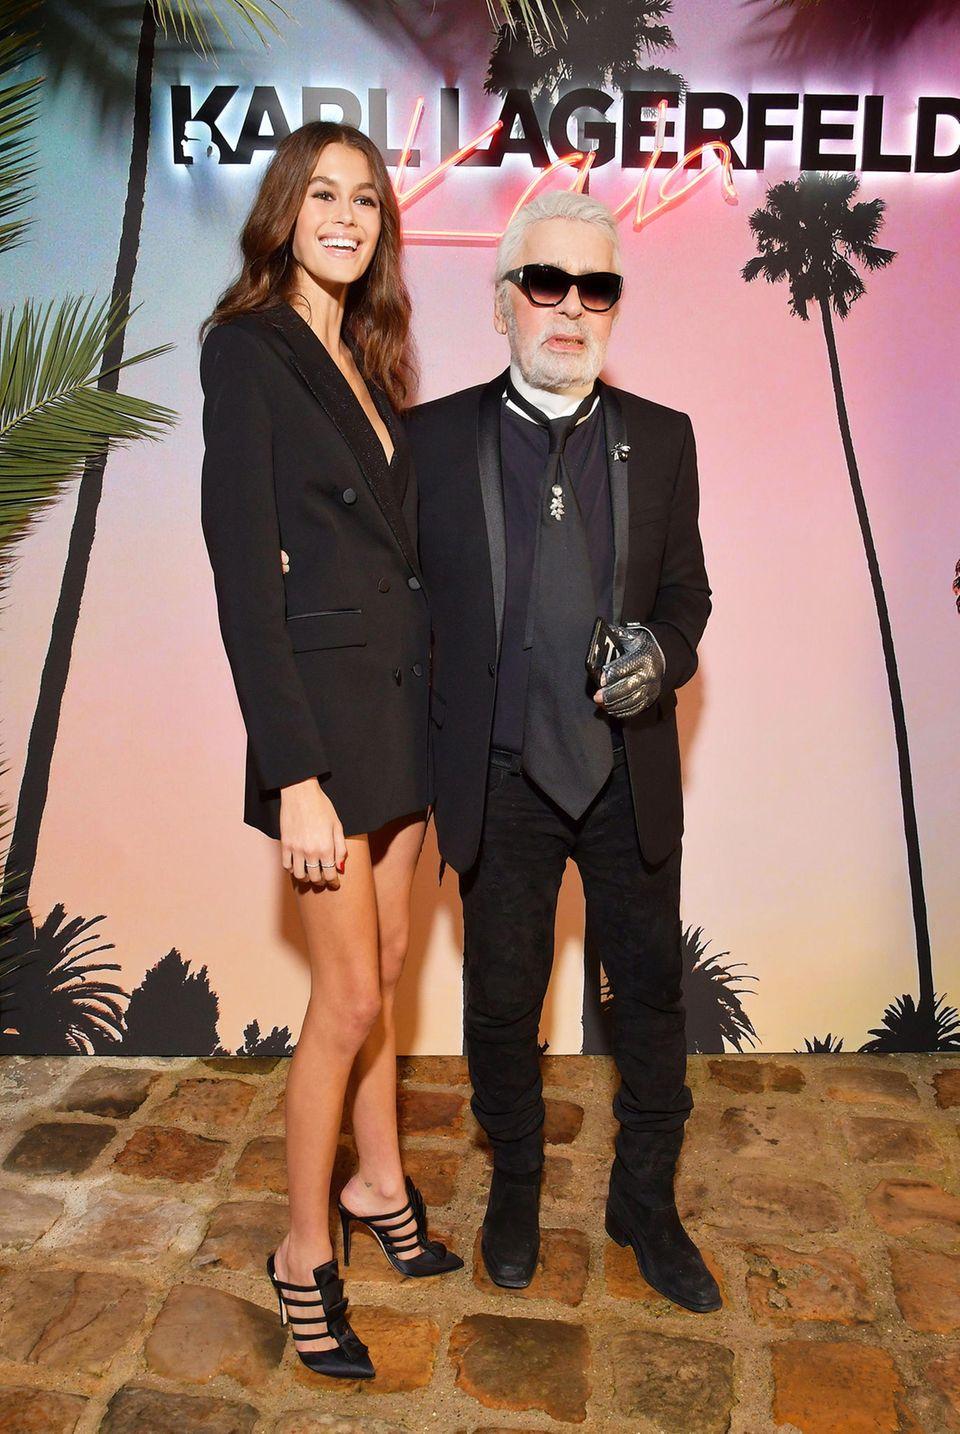 Auch Kaia Gerber, Tochter von Supermodel Cindy Crawford, galt zuletzt als seine Muse.